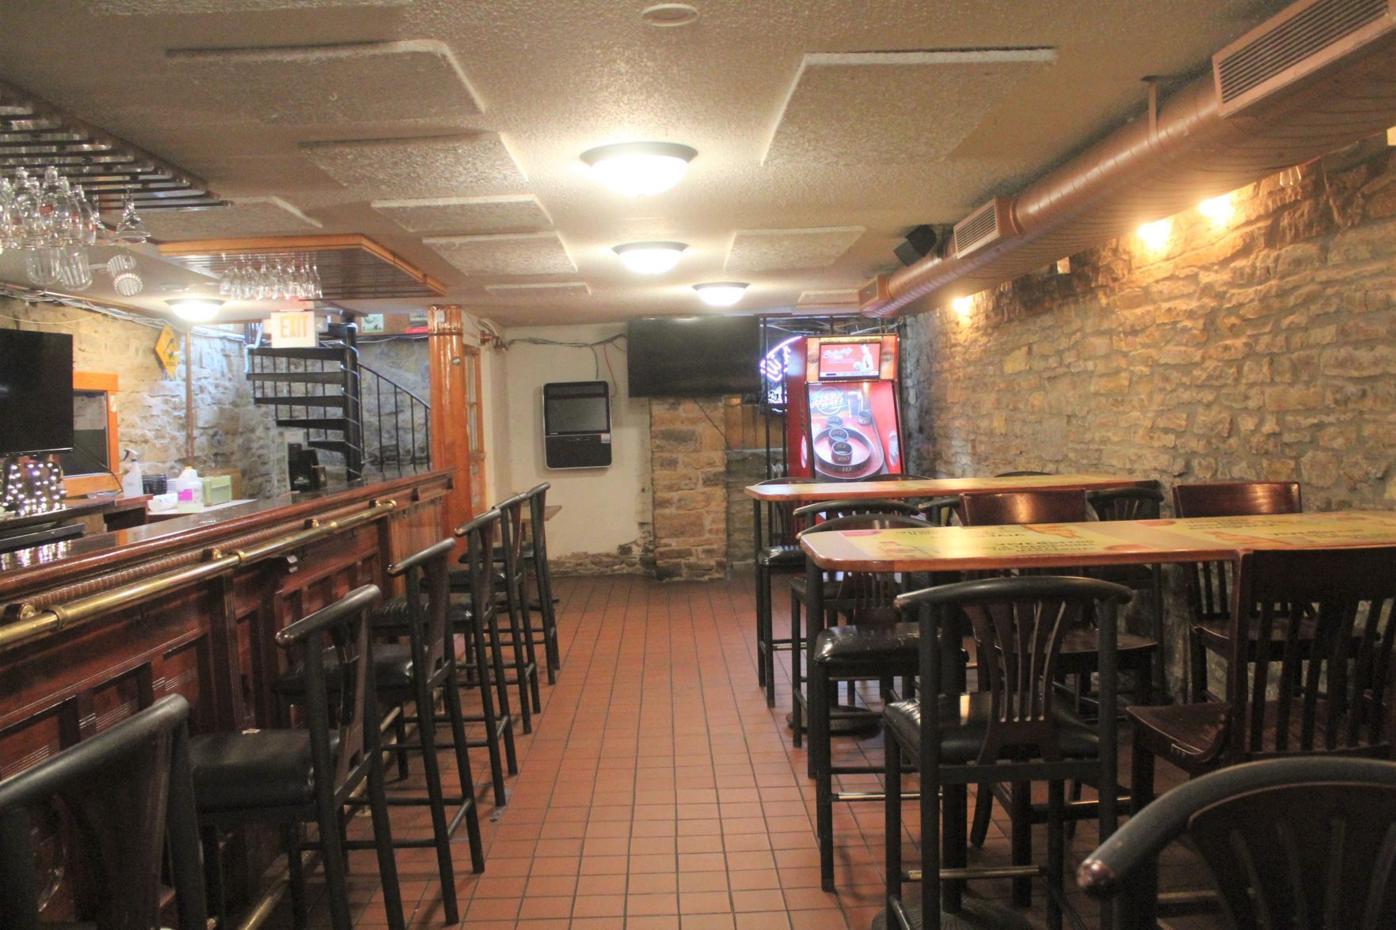 Restaurant feature 2